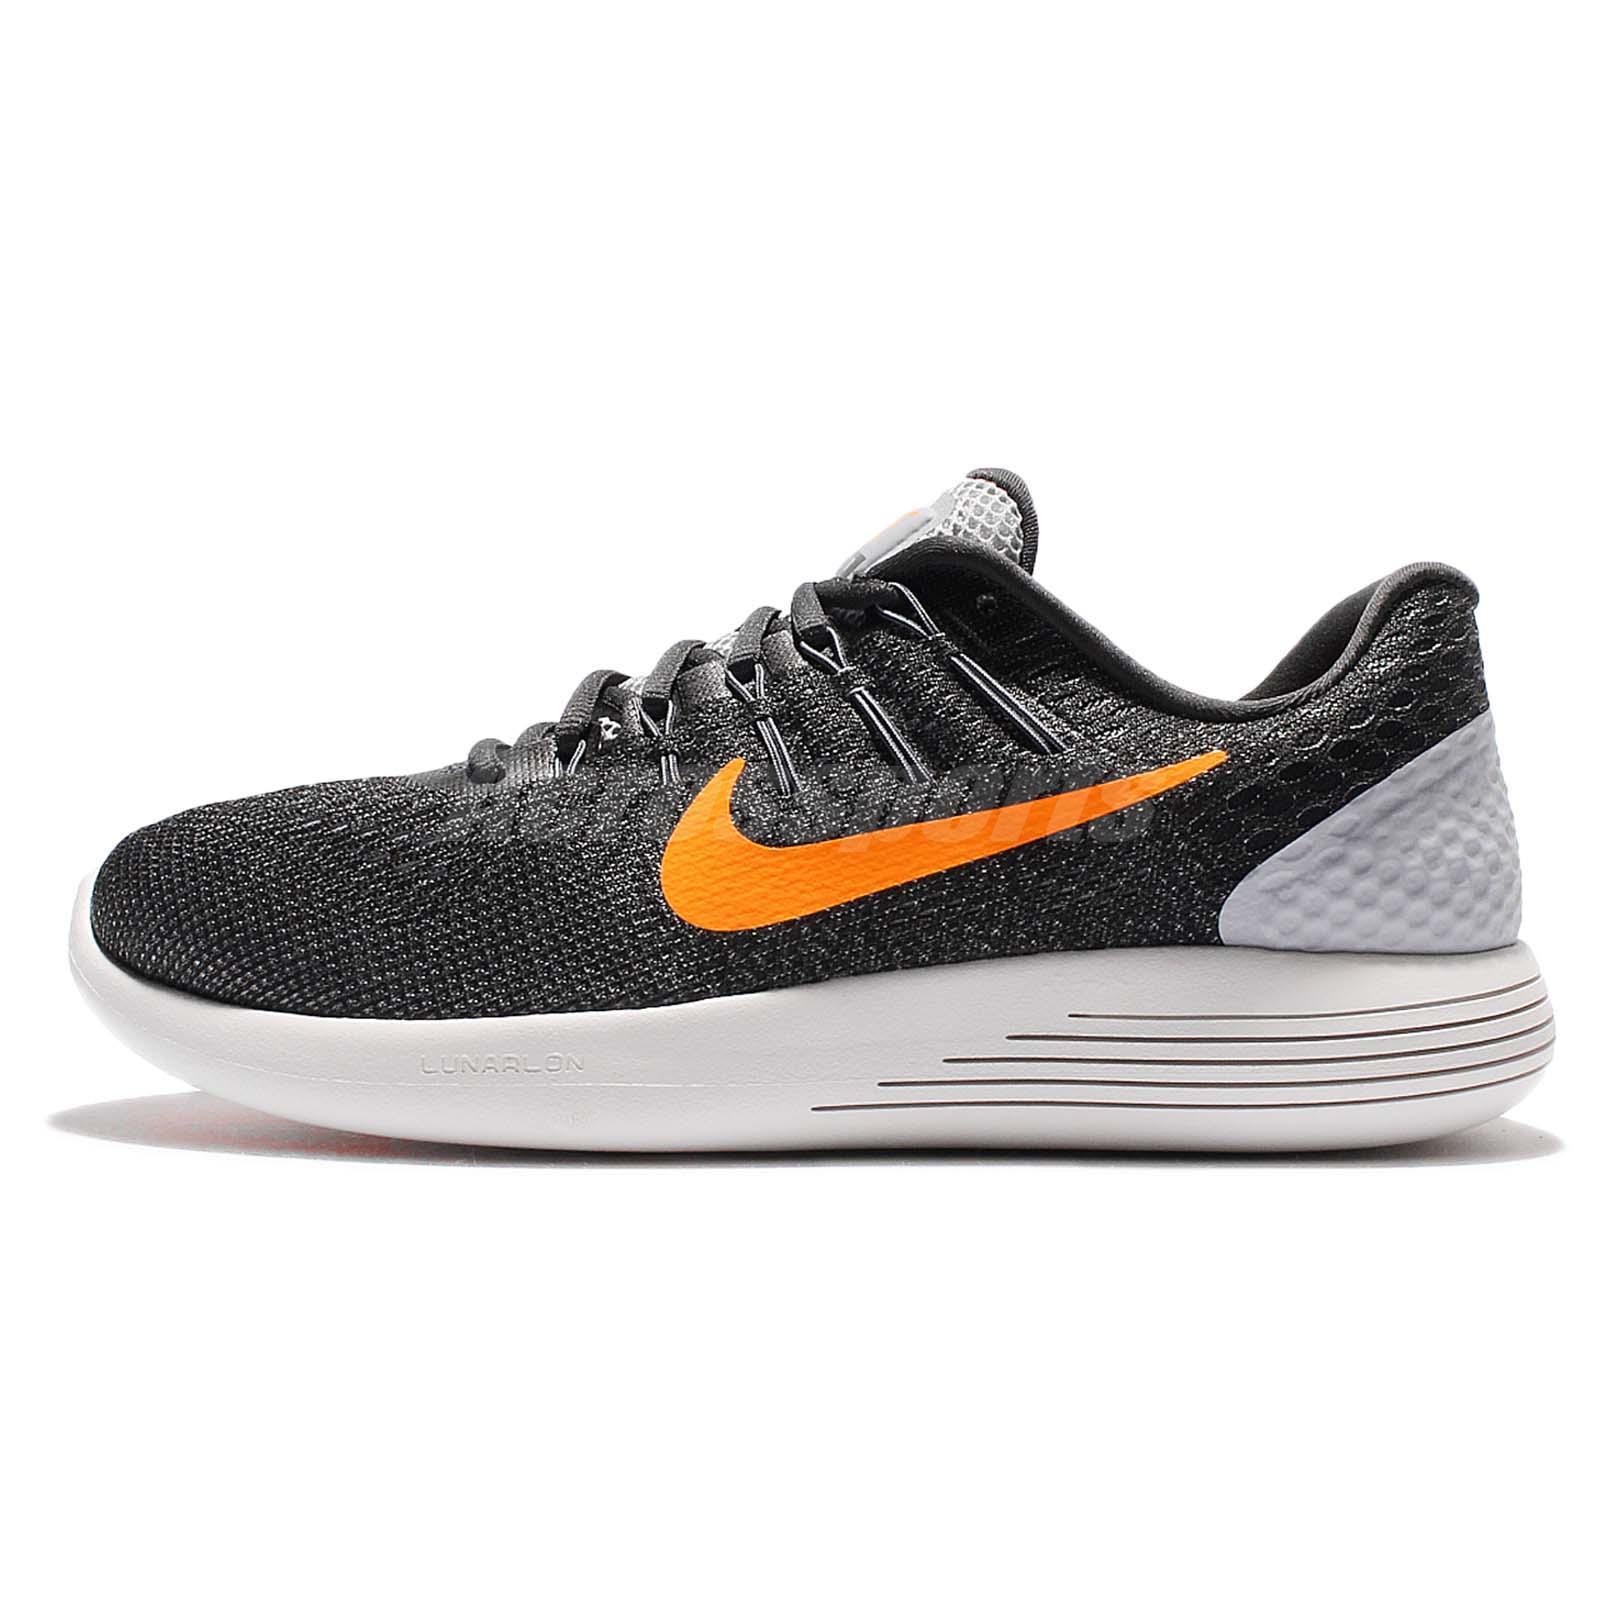 nike lunarglide grey orange